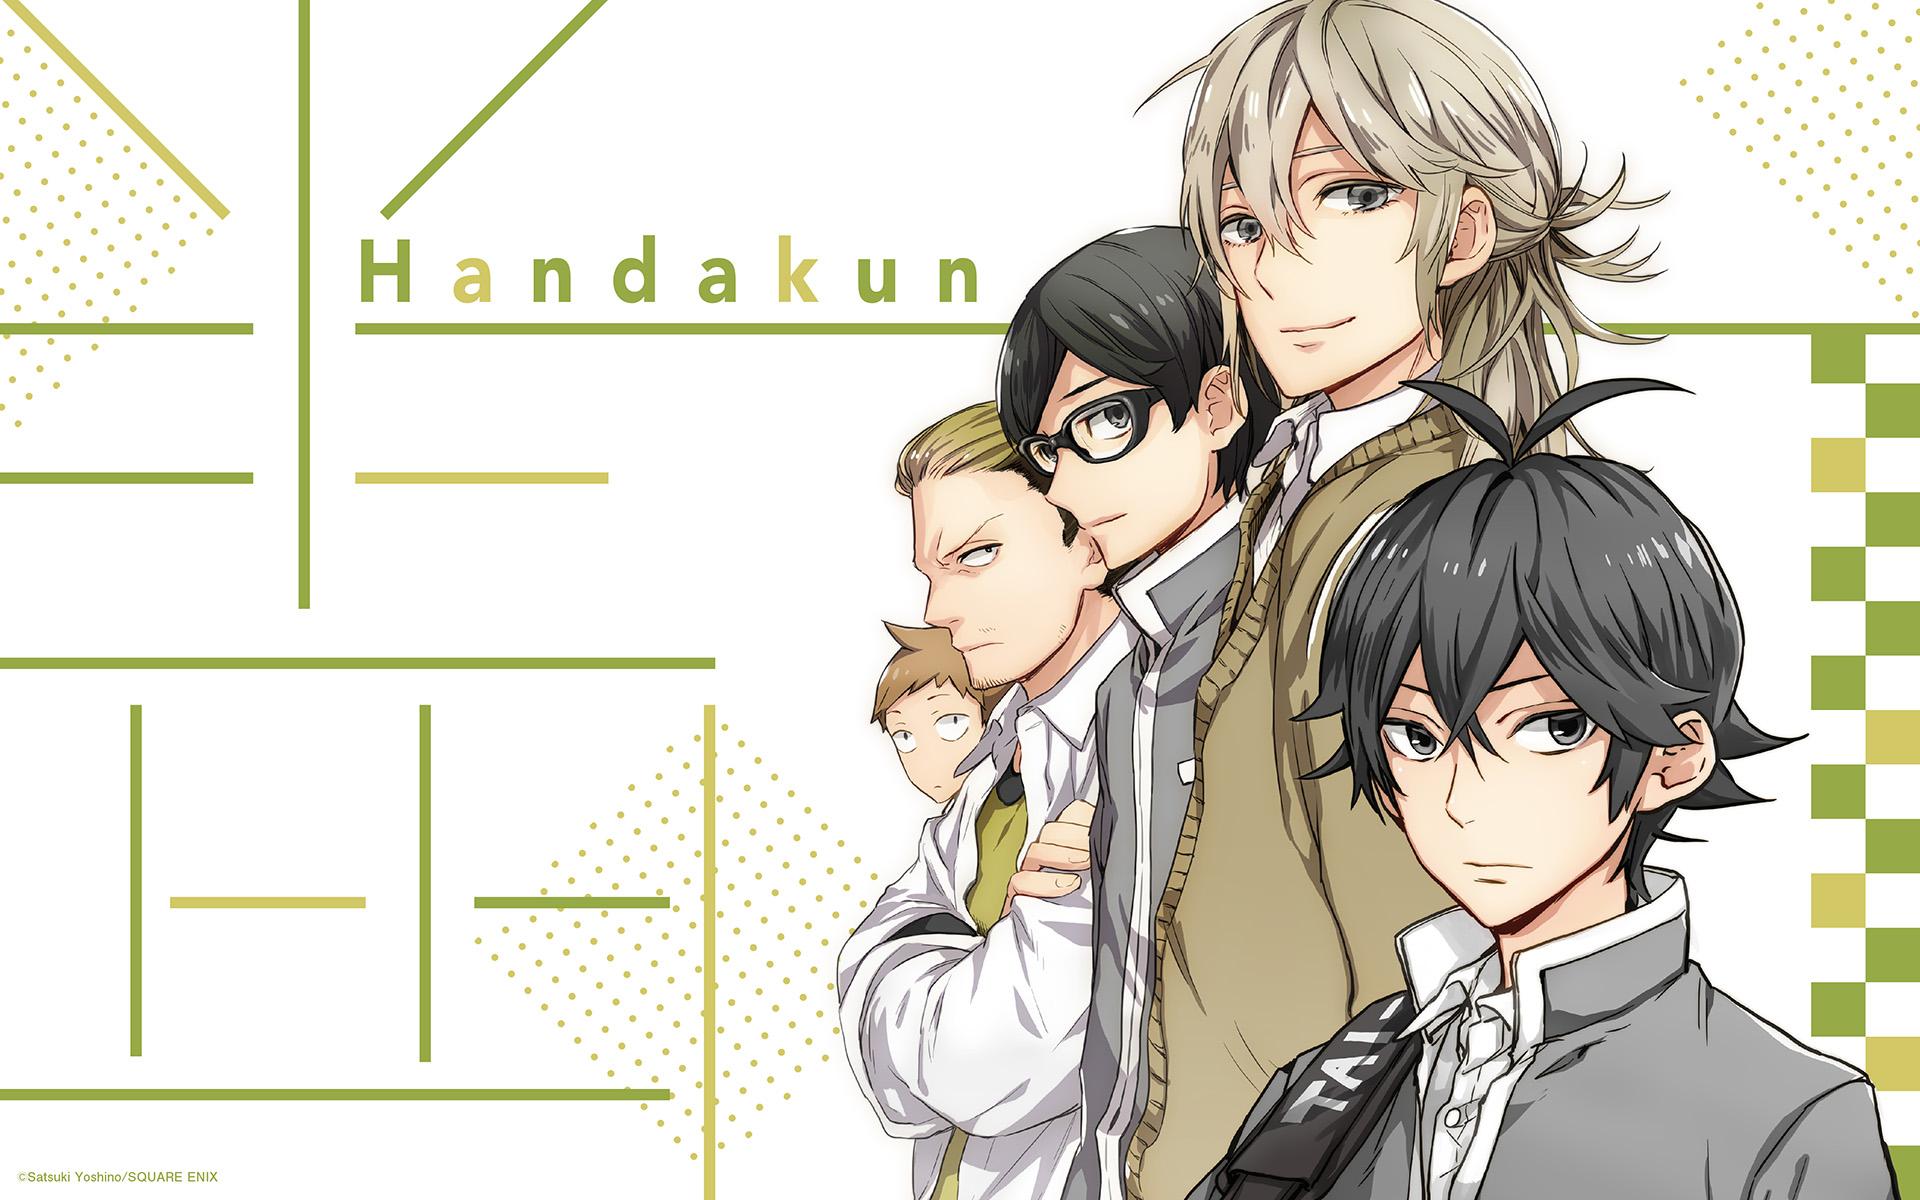 Amazing Handa-Kun Pictures & Backgrounds